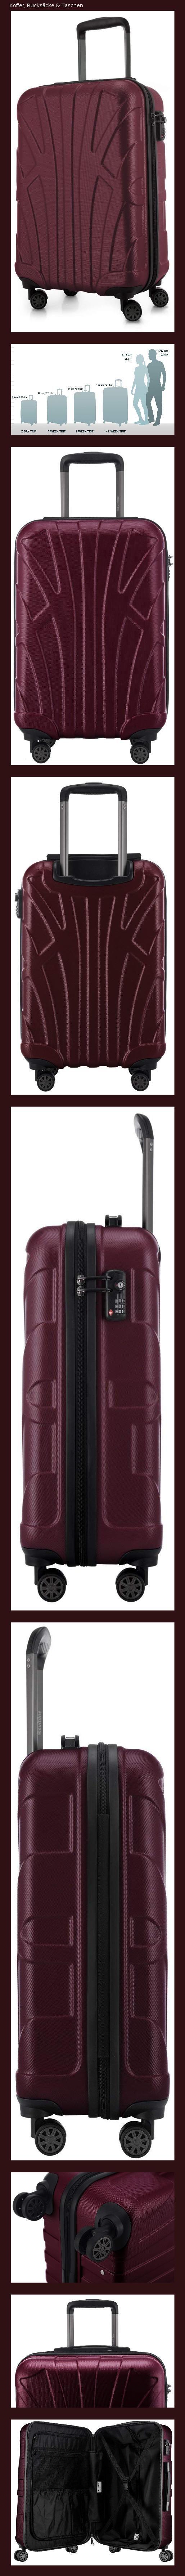 Suitline 3er Koffer-Set Trolley-Set Rollkoffer Hartschalen-Koffer Reisekoffer Aquagr/ün TSA, 55 cm, 66 cm, 76 cm 100/% ABS Matt